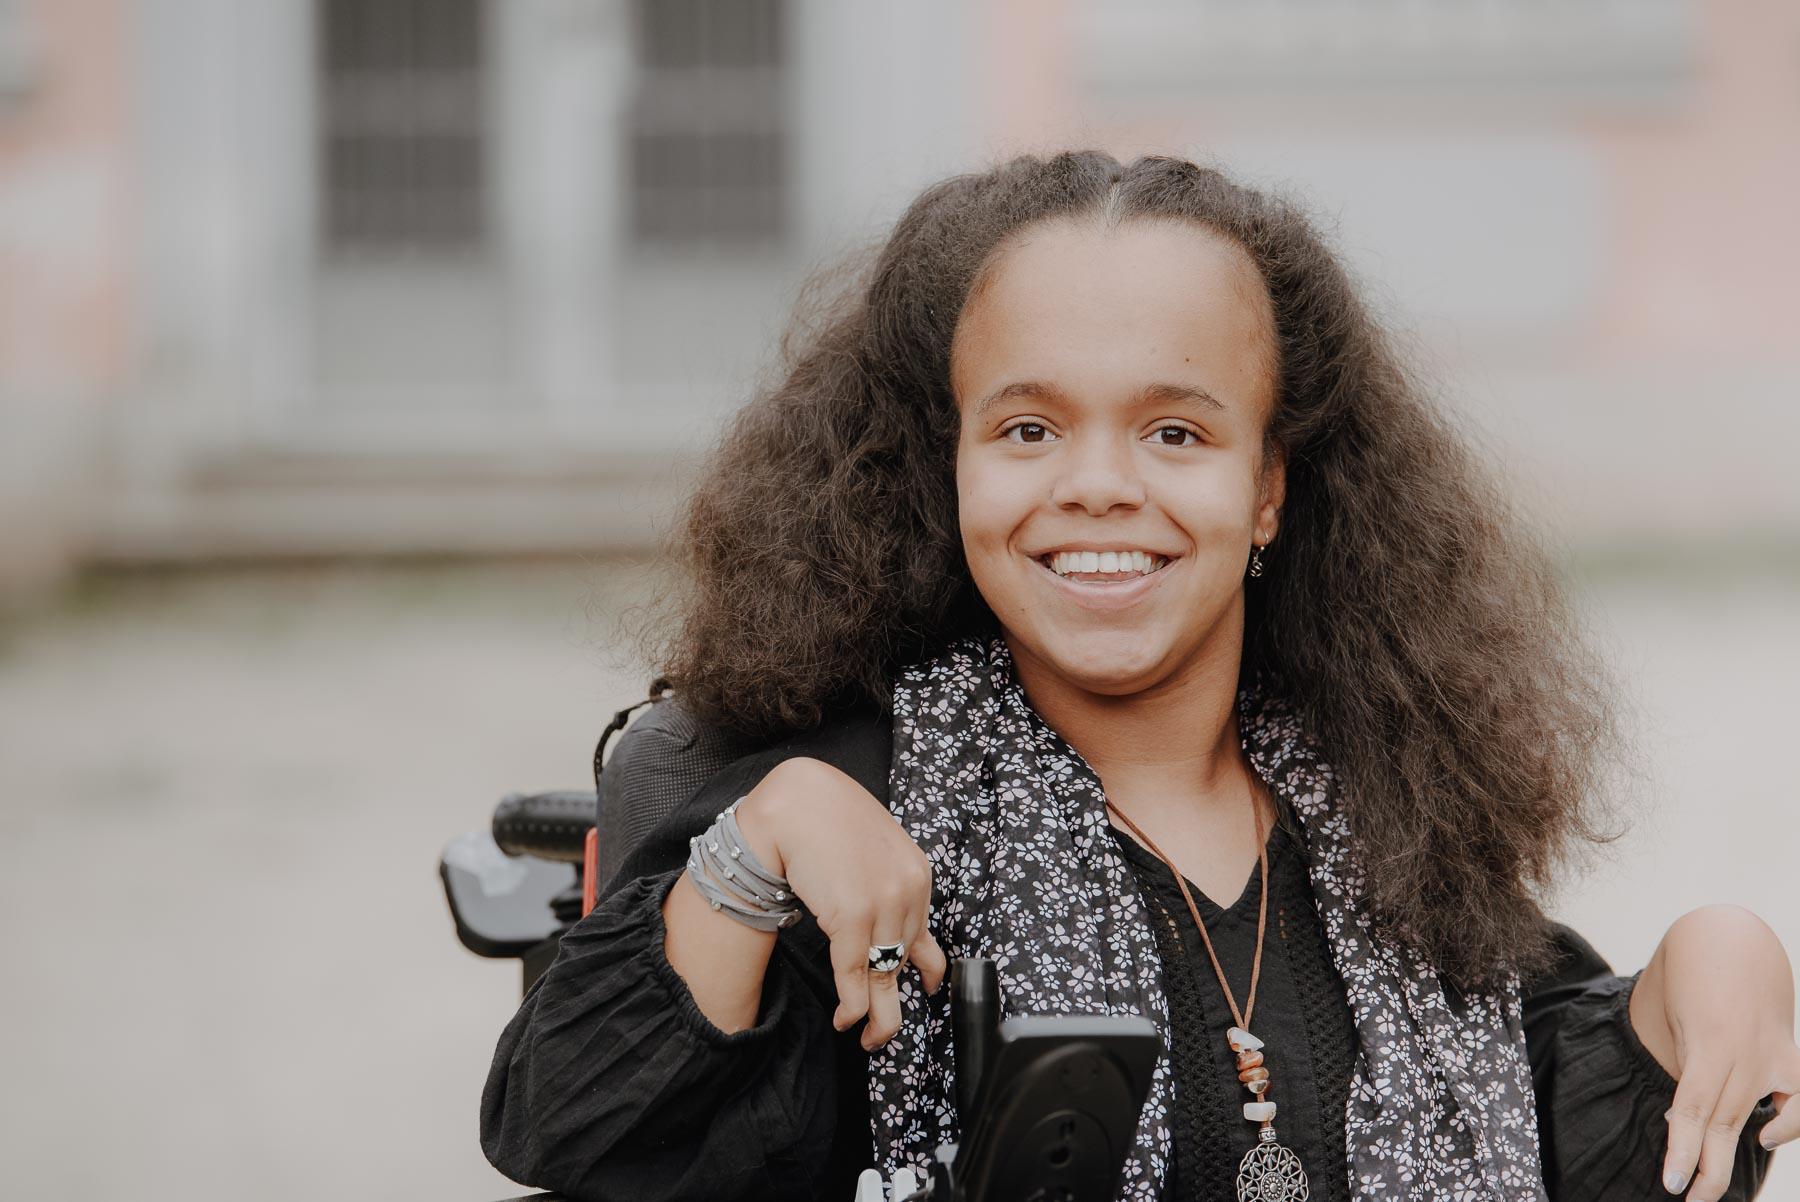 Eine junge Frau lächelt in die Kamera